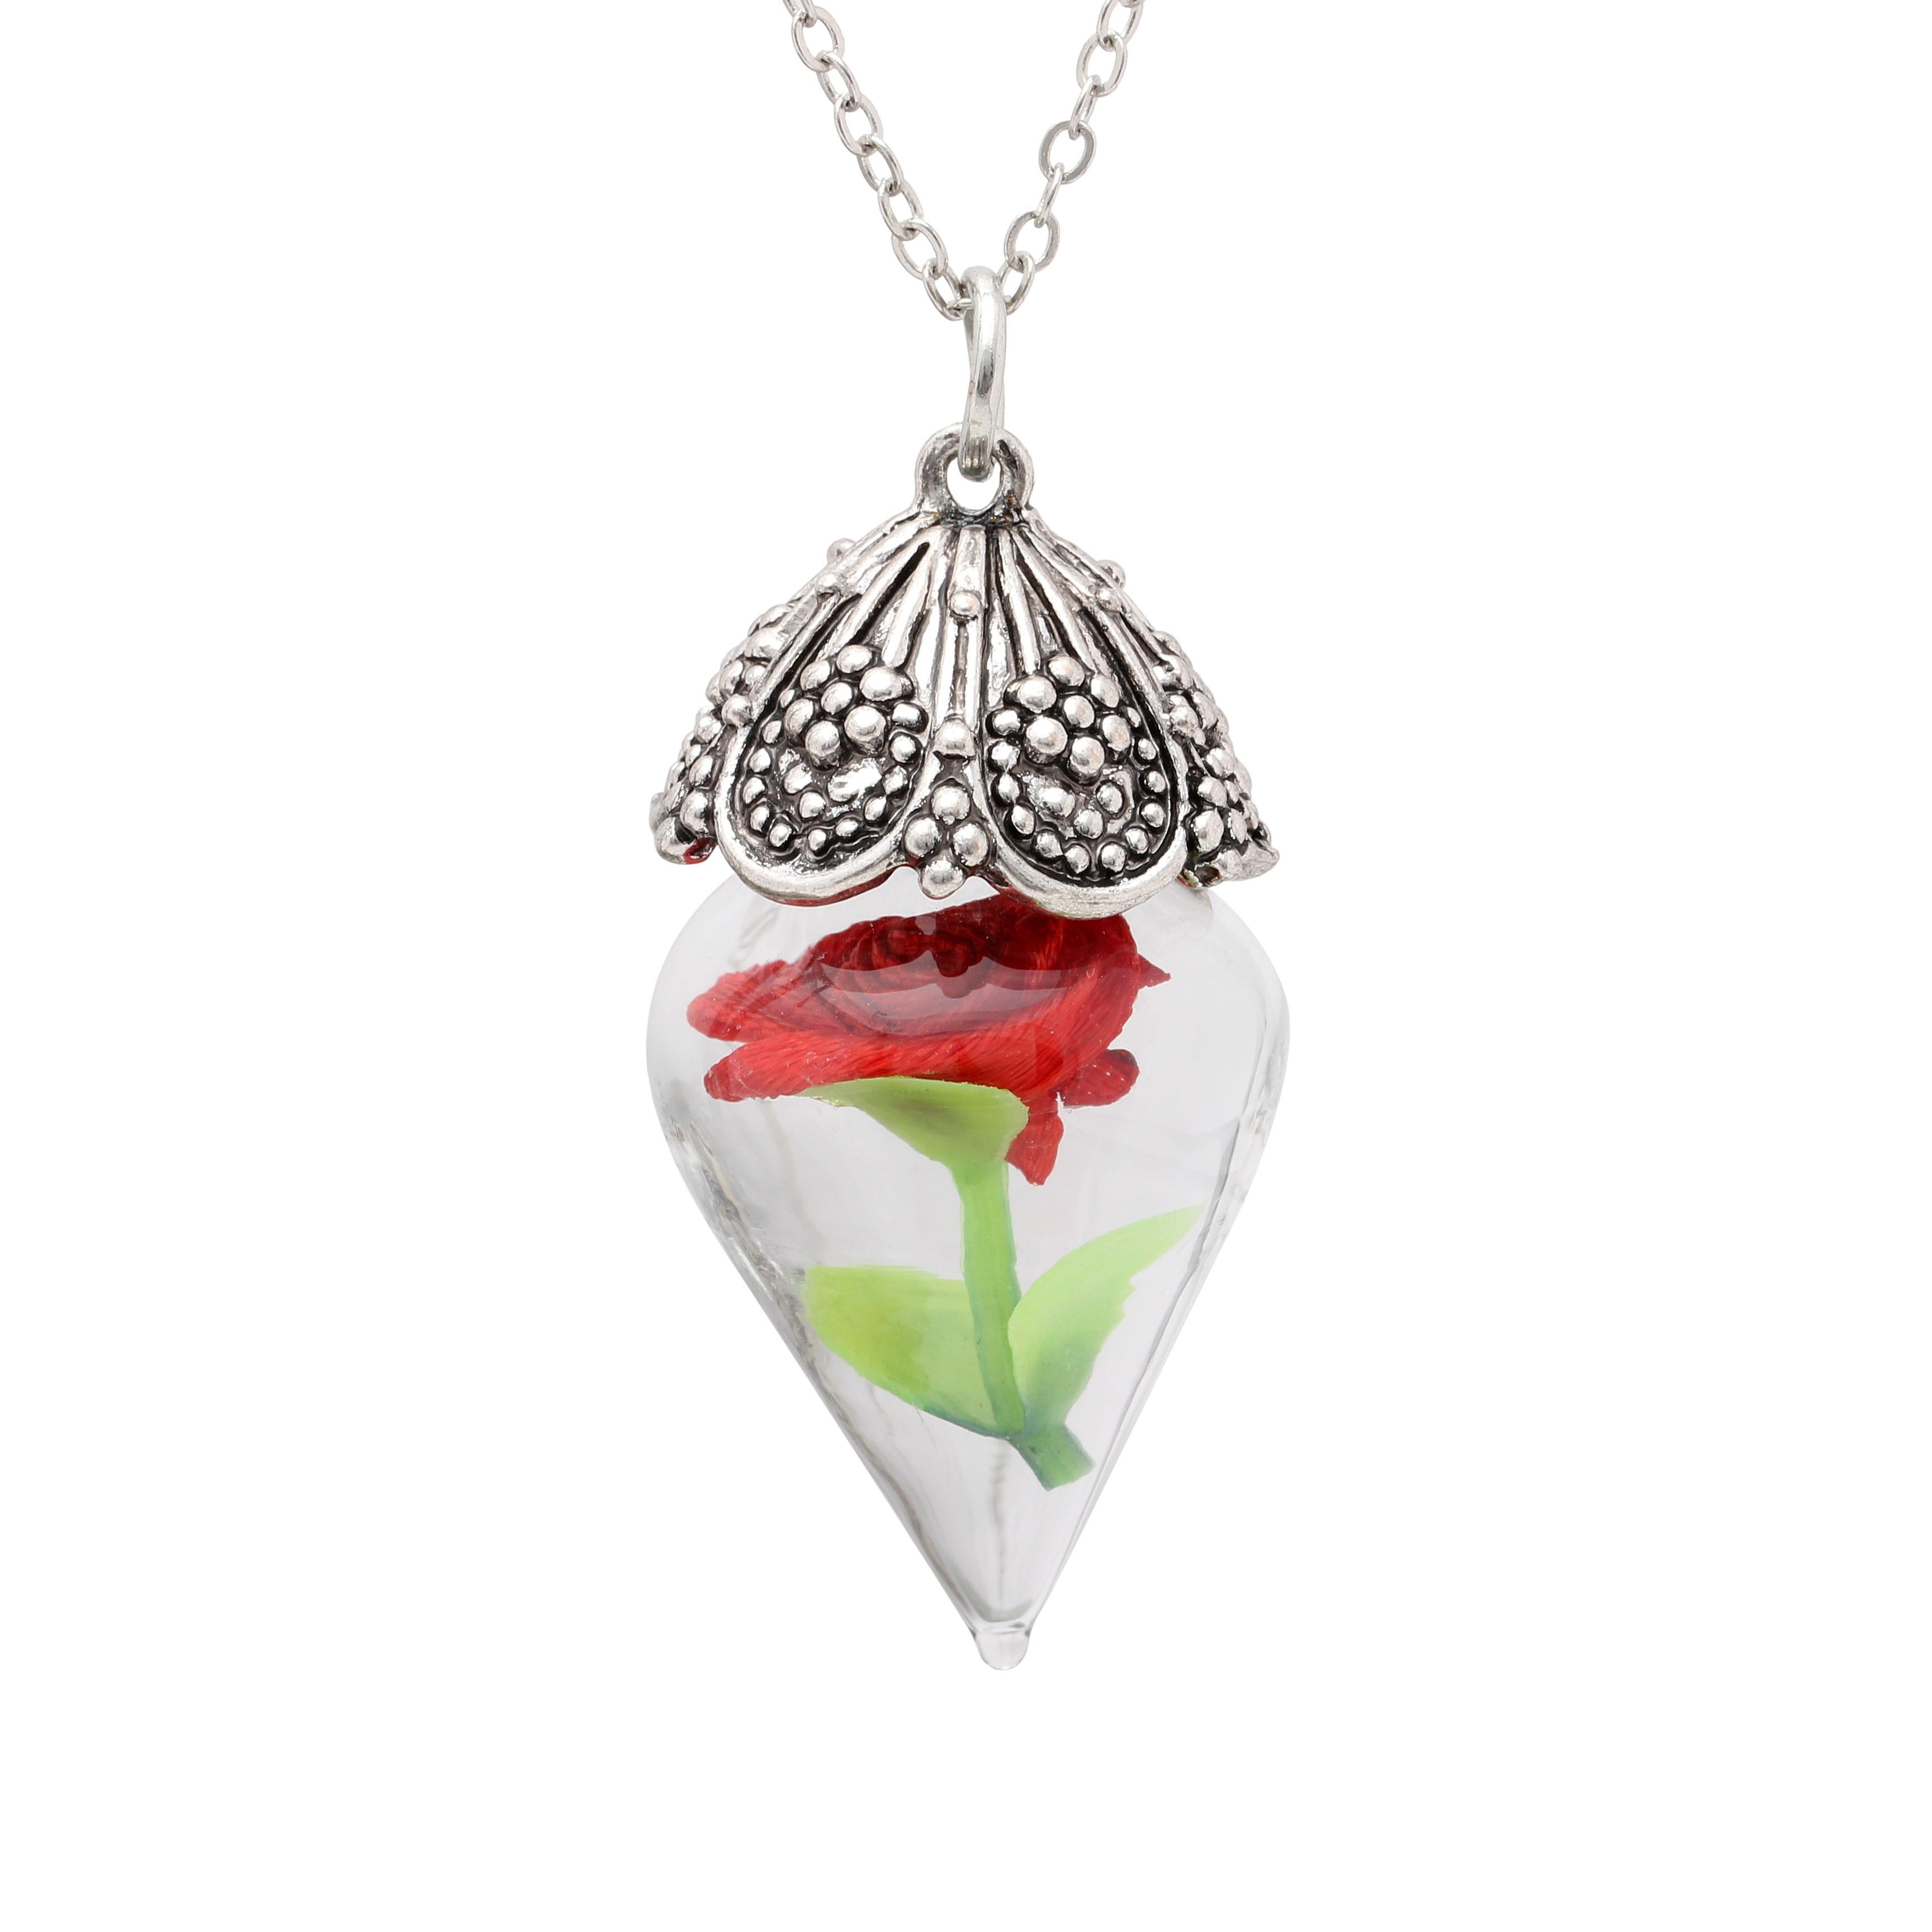 jemné šperky přívěsek náhrdelník skleněná láhev růže květ anti stříbrná barva 16-30 vodní vlny řetěz Vintage ženy svatební nevěsta dárek